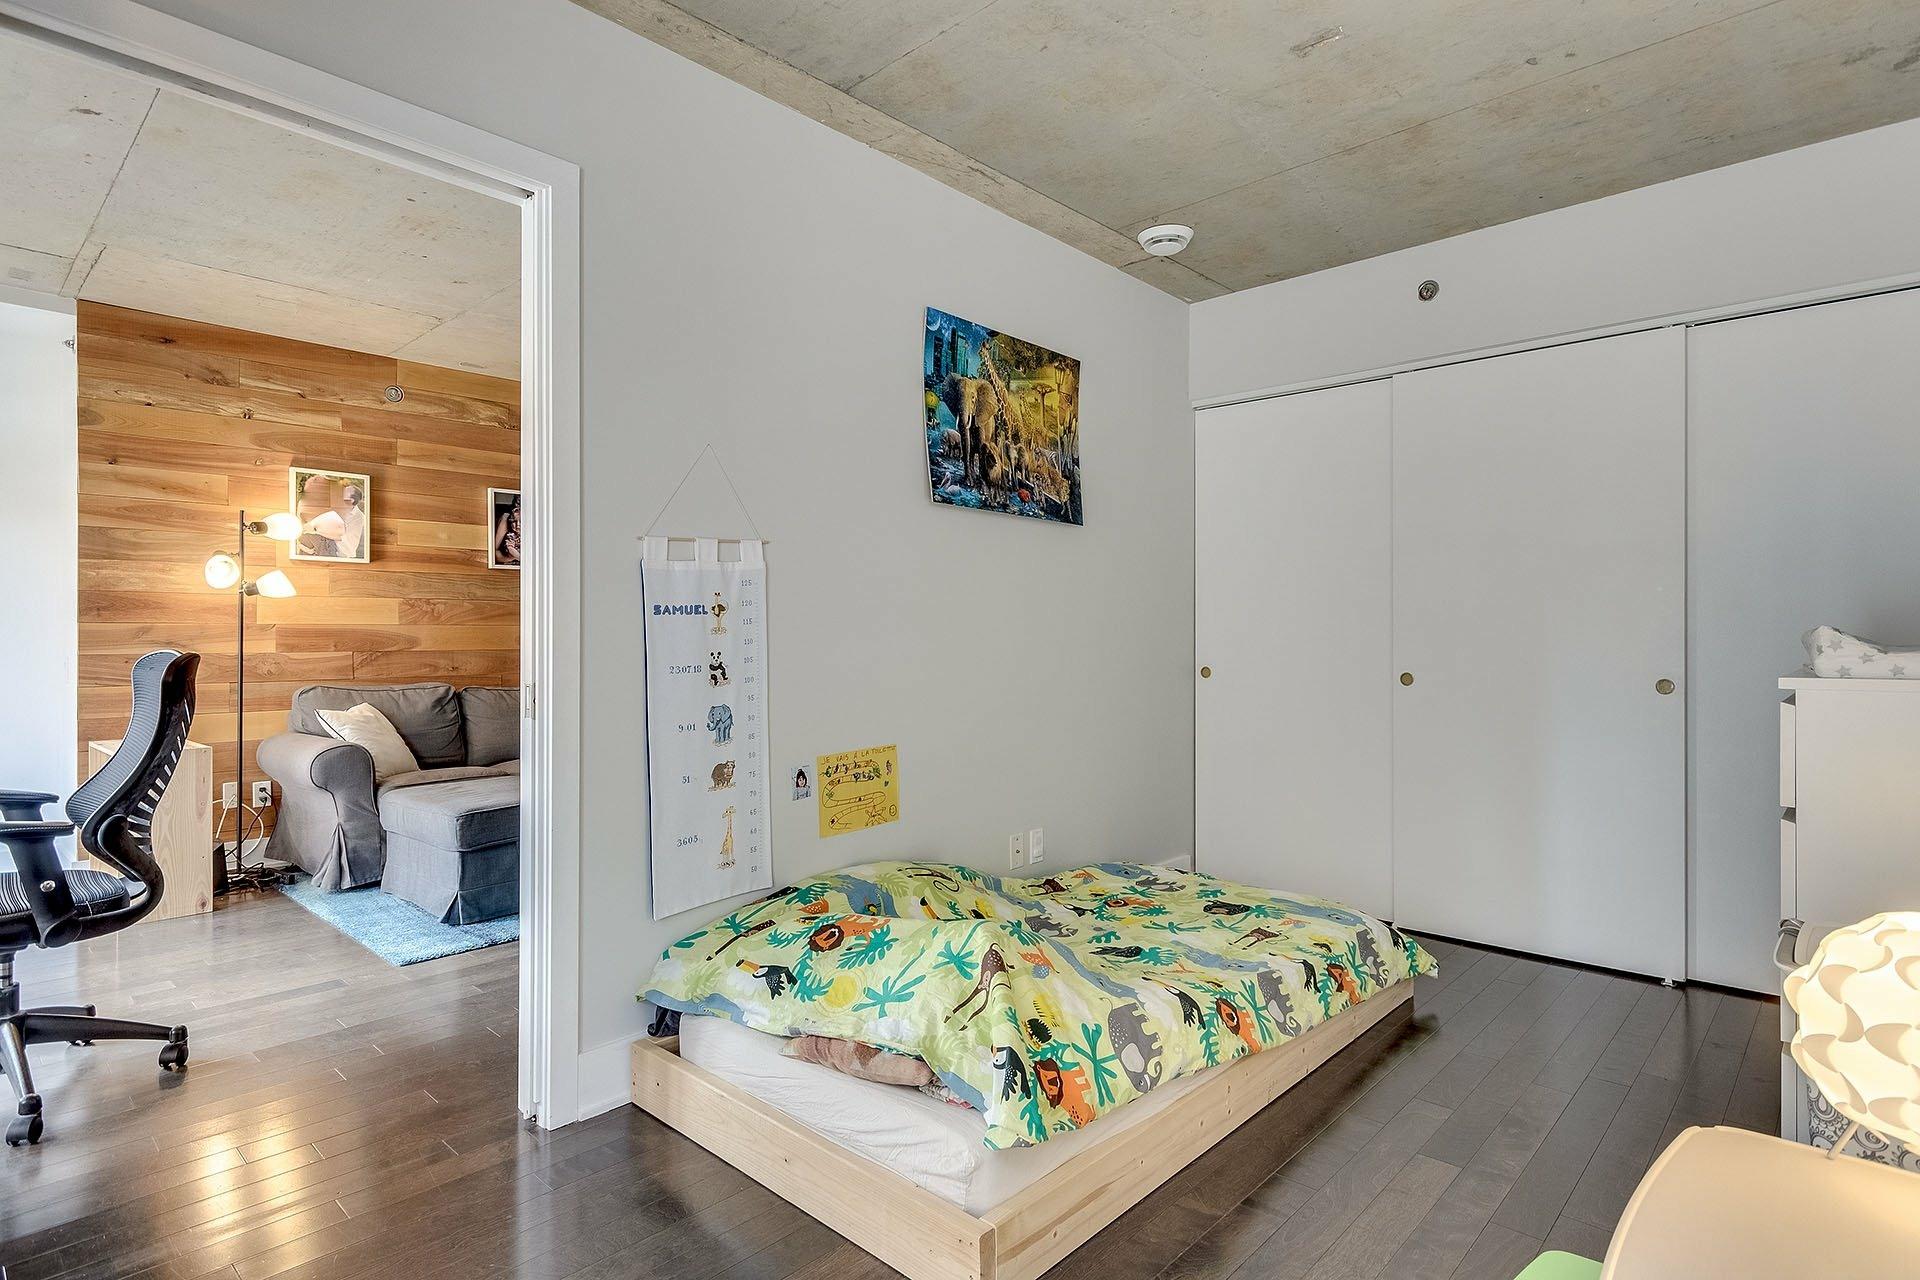 image 19 - Appartement À vendre Verdun/Île-des-Soeurs Montréal  - 5 pièces